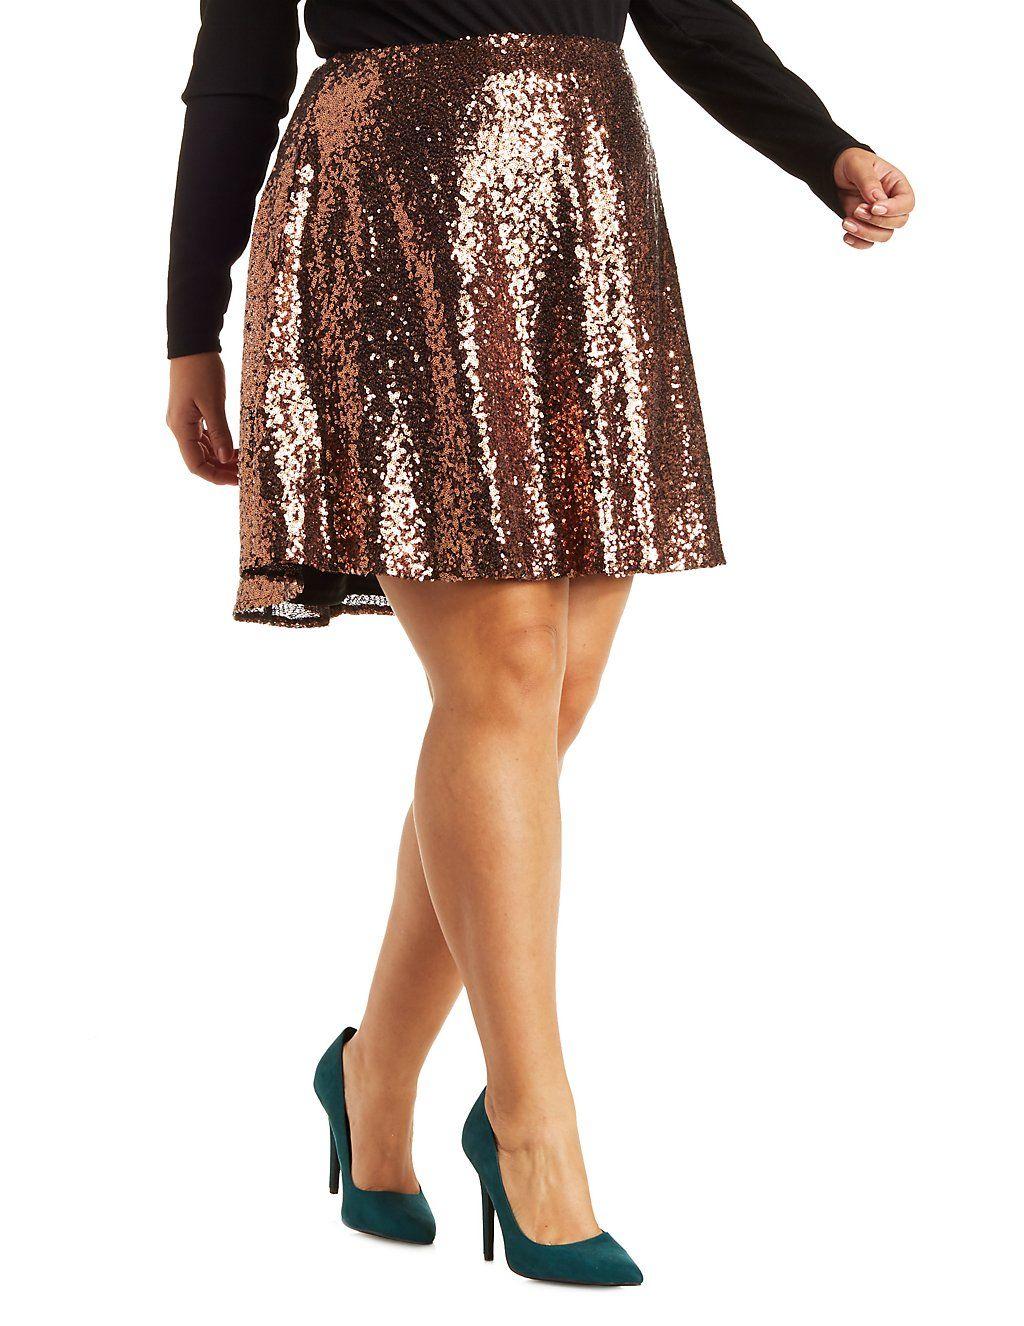 76bcd0e7334 Plus Size Sequin Skater Skirt